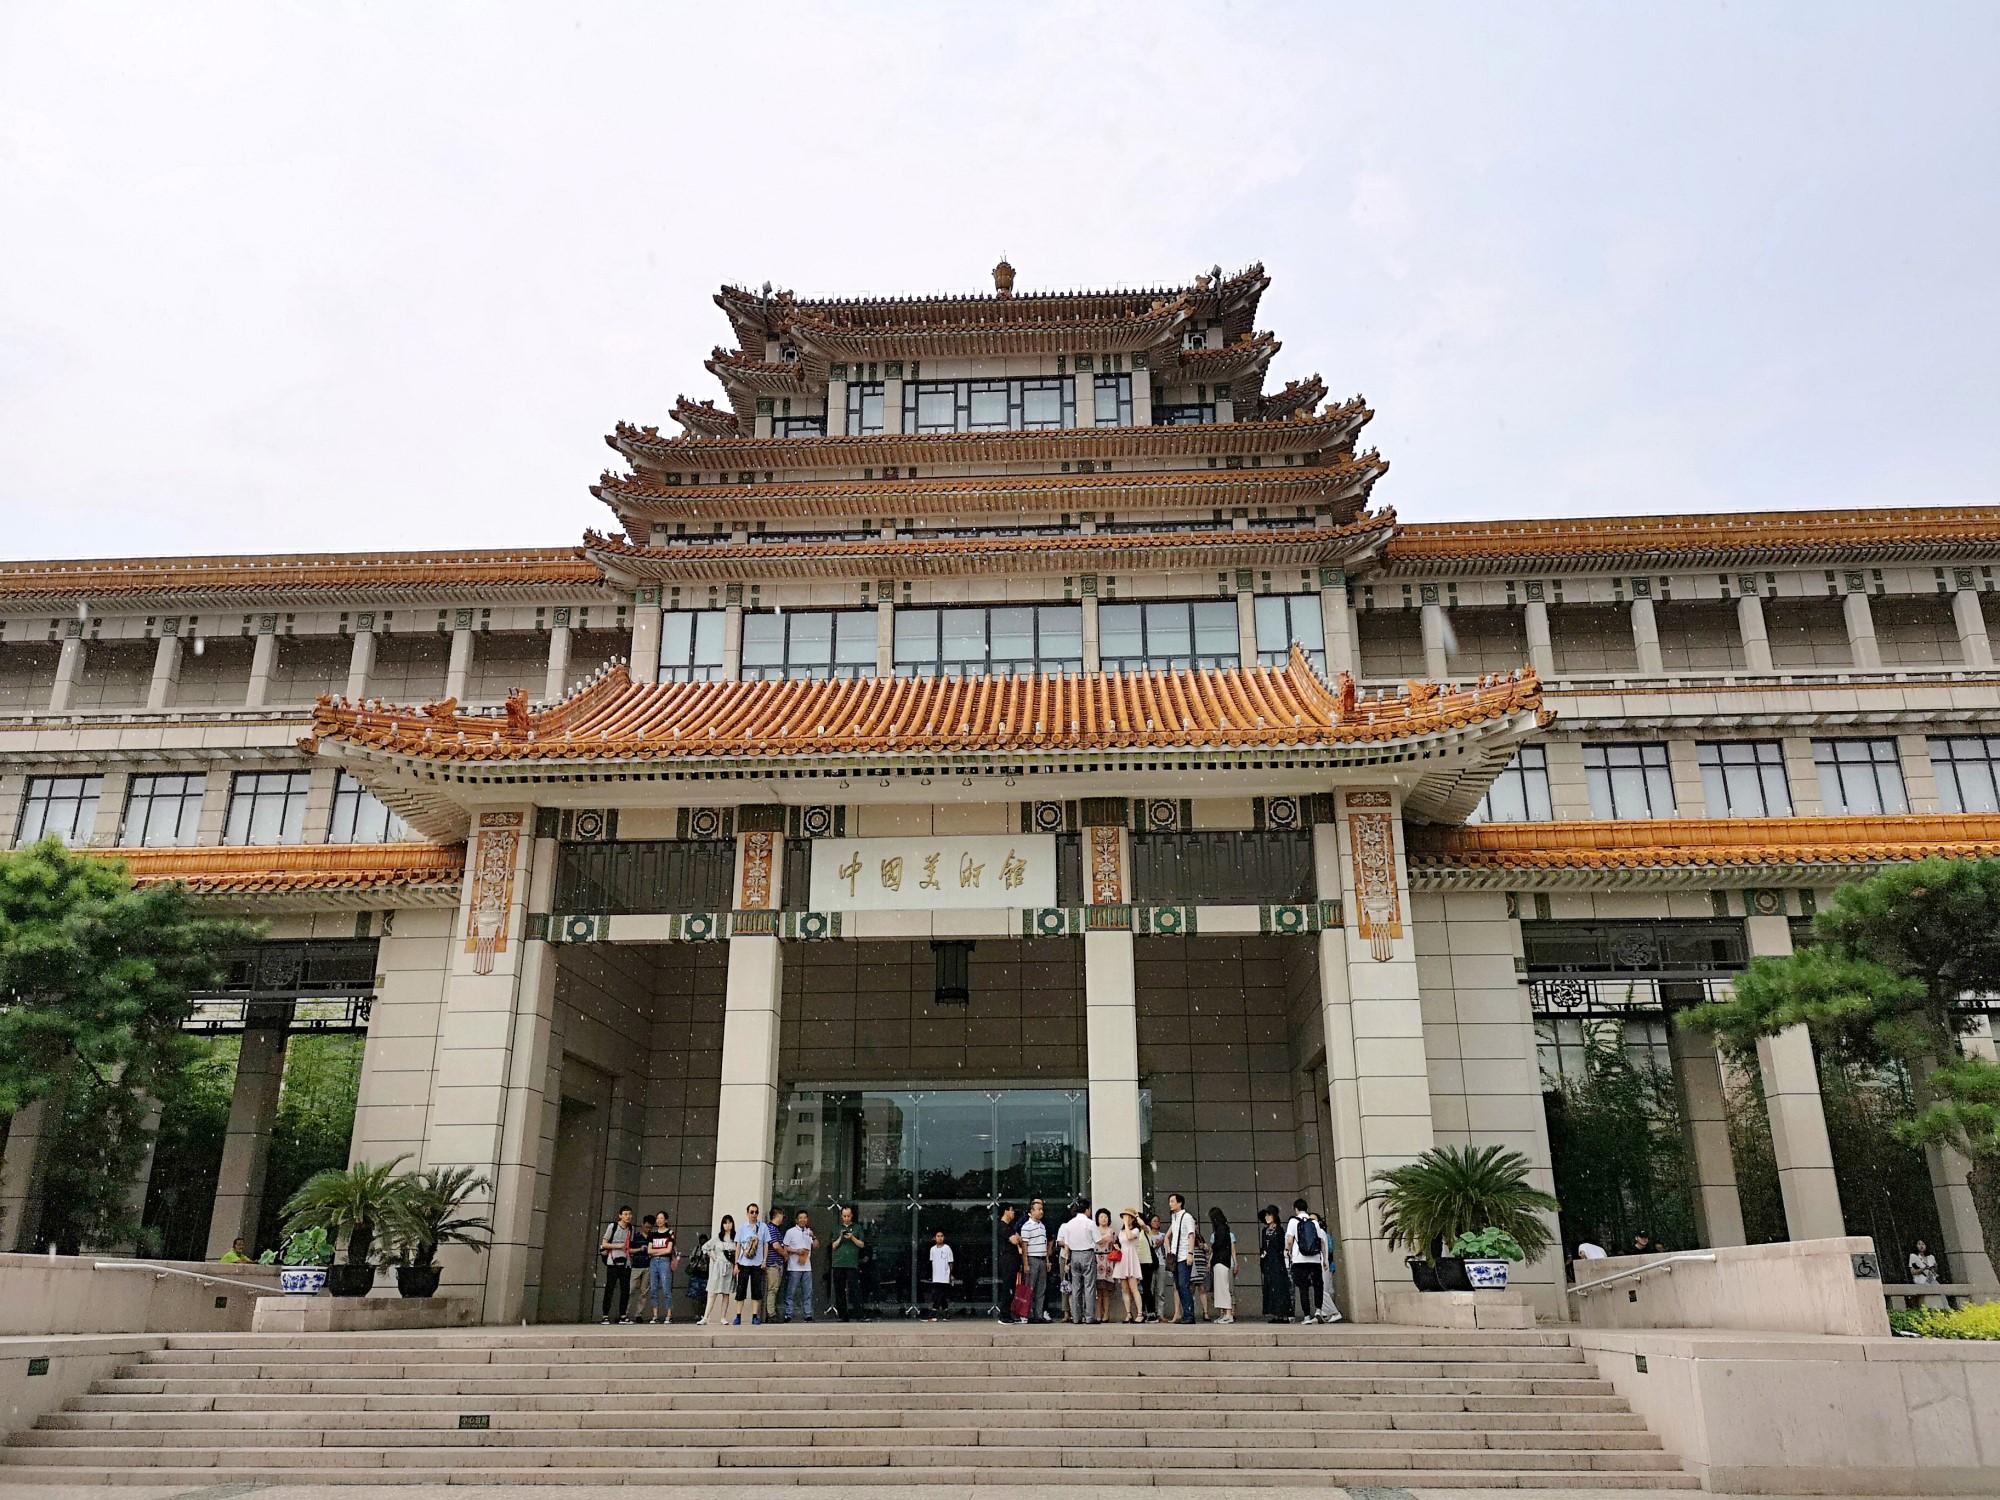 暑假的丰富生活,从中国美术馆开始,免费参观唐卡珍品展览